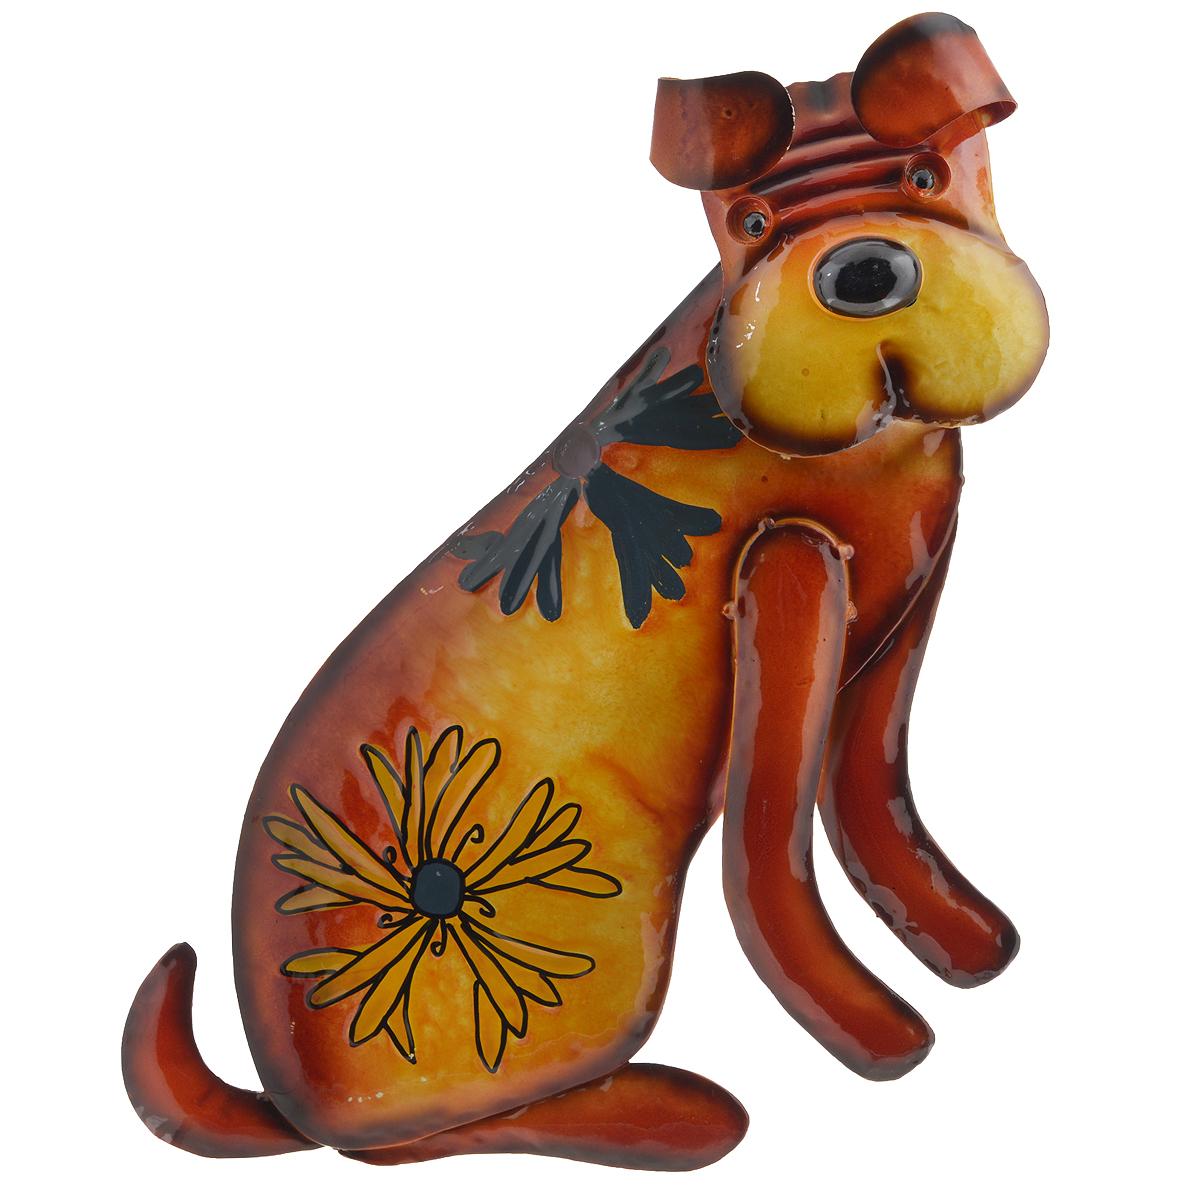 Панно декоративное настенное Molento Собака. 576-056576-056Декоративное настенное панно Molento Собака, изготовленное из металла, позволит вам украсить интерьер дома, рабочего кабинета или любого другого помещения оригинальным образом. Изделие выполнено в виде собаки, оформленной изображением цветов. Голова собаки подвижна благодаря пружине, на которую она крепиться к телу. Панно имеет рельефную поверхность и оснащено специальным отверстием для подвешивания.С таким панно вы сможете не просто внести в интерьер элемент оригинальности, но и создать атмосферу загадочности и изысканности.